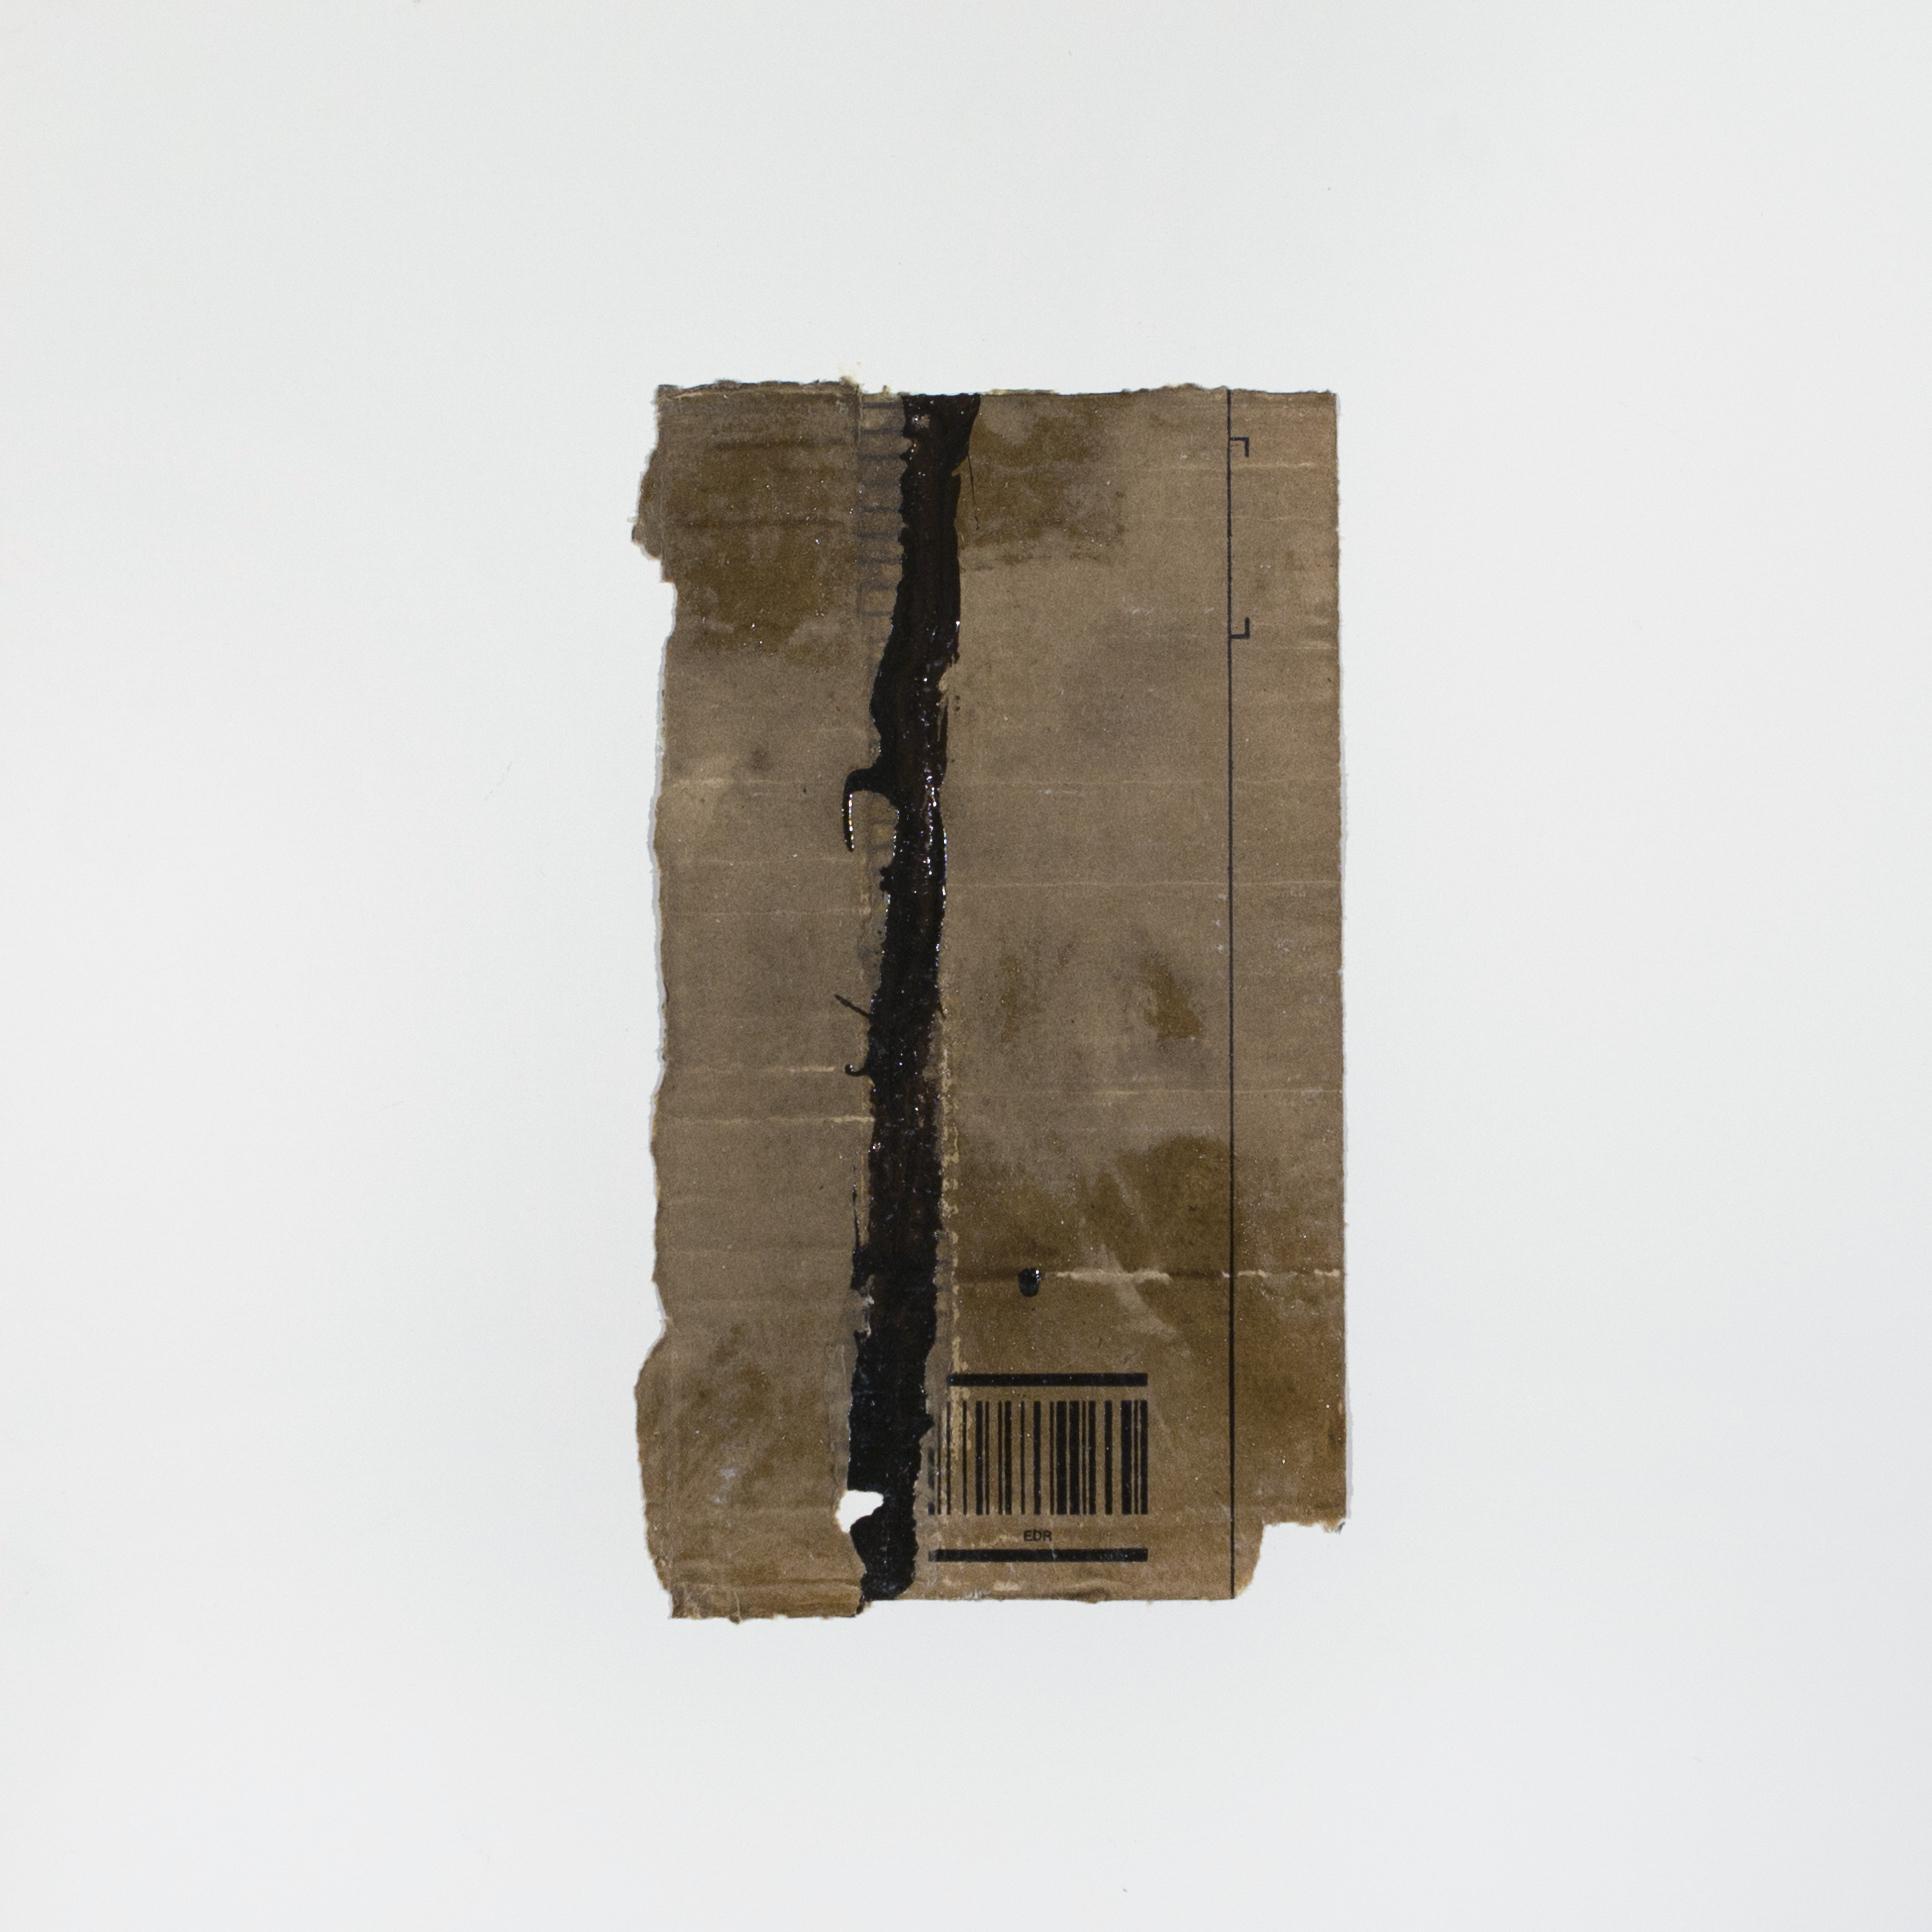 AP Ec 7_19, 2015, tecnica mista, cartone su carta, cm 50 x 50